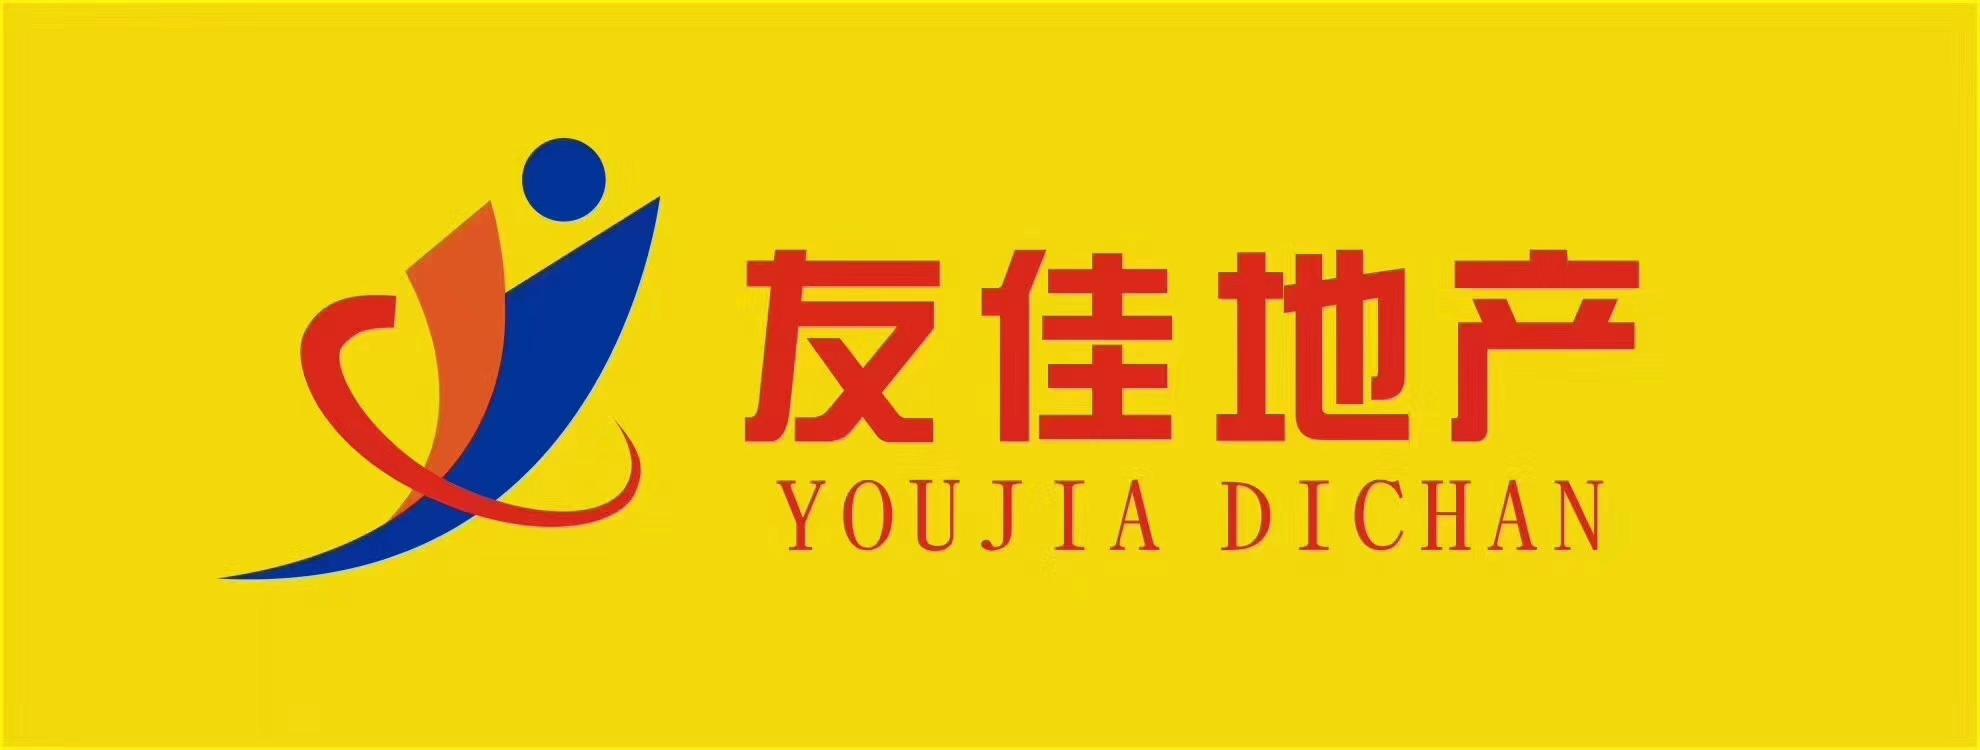 郴州市友佳房地产经纪有限公司青年大道店